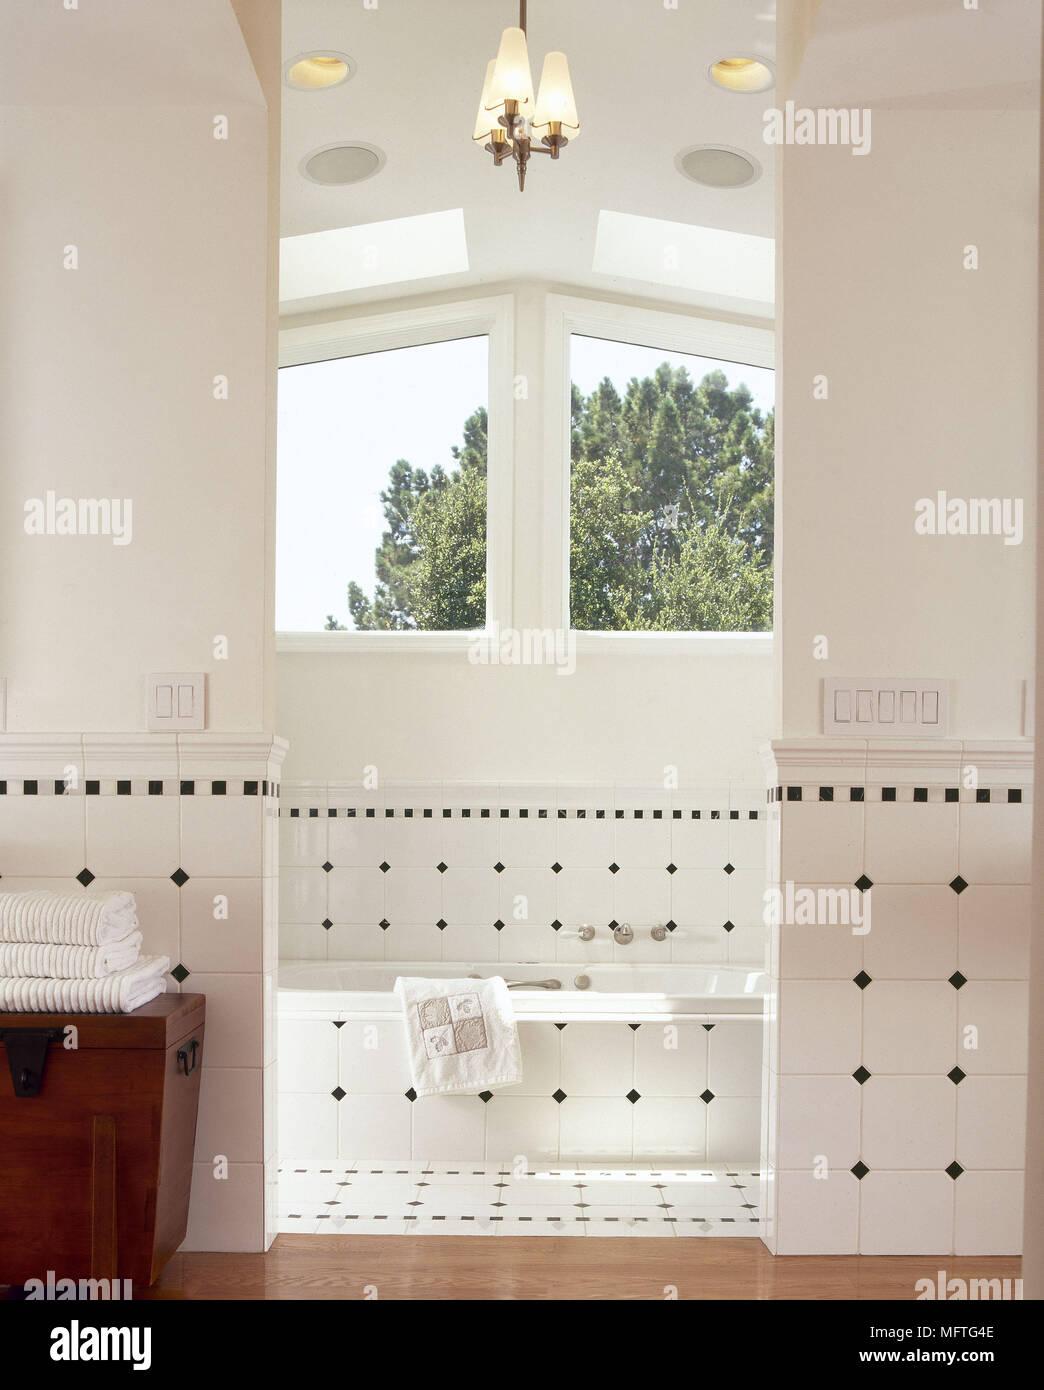 Modernes Badezimmer Badewanne Muster Fliesen hohe Decke ...